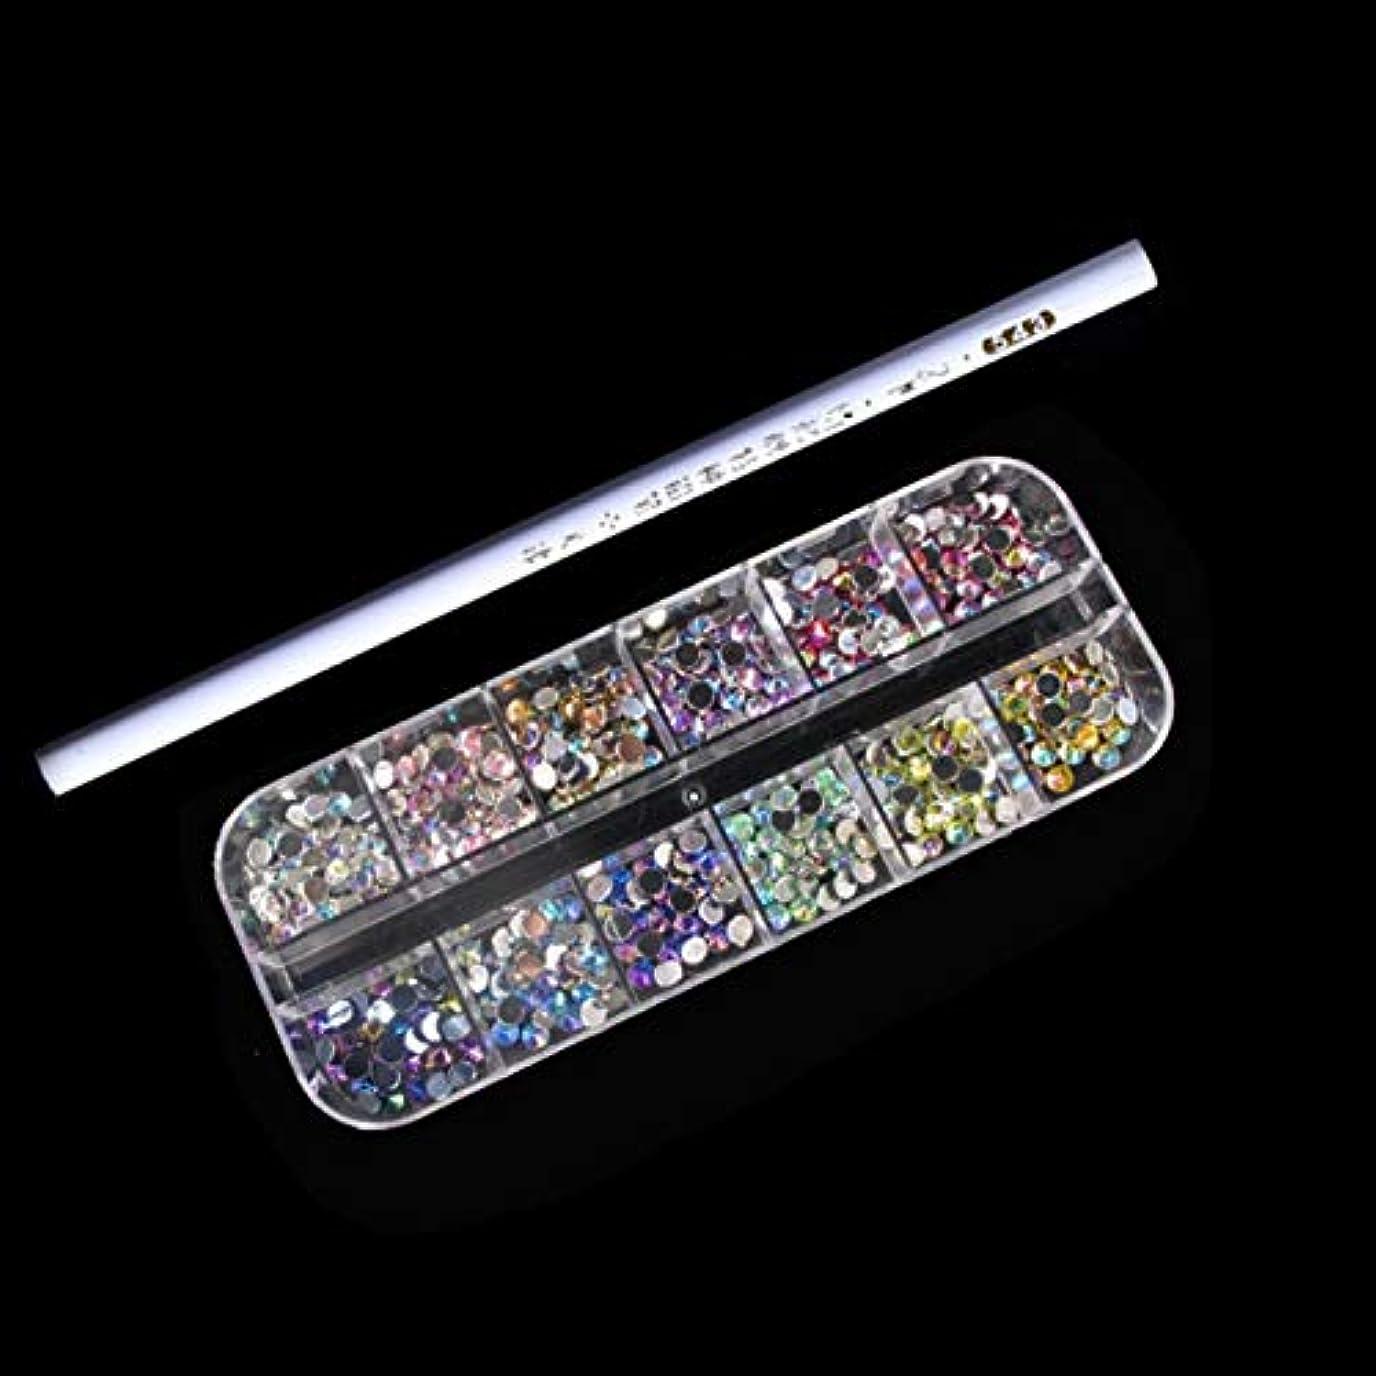 摂氏原始的なパールWadachikis 最高品質の3 Dグリッターネイルラインストーンクリスタルスタッド&ネイルピッカーペンツールネイルアートデコレーションセット(None Flat bottom drill OT-0879)